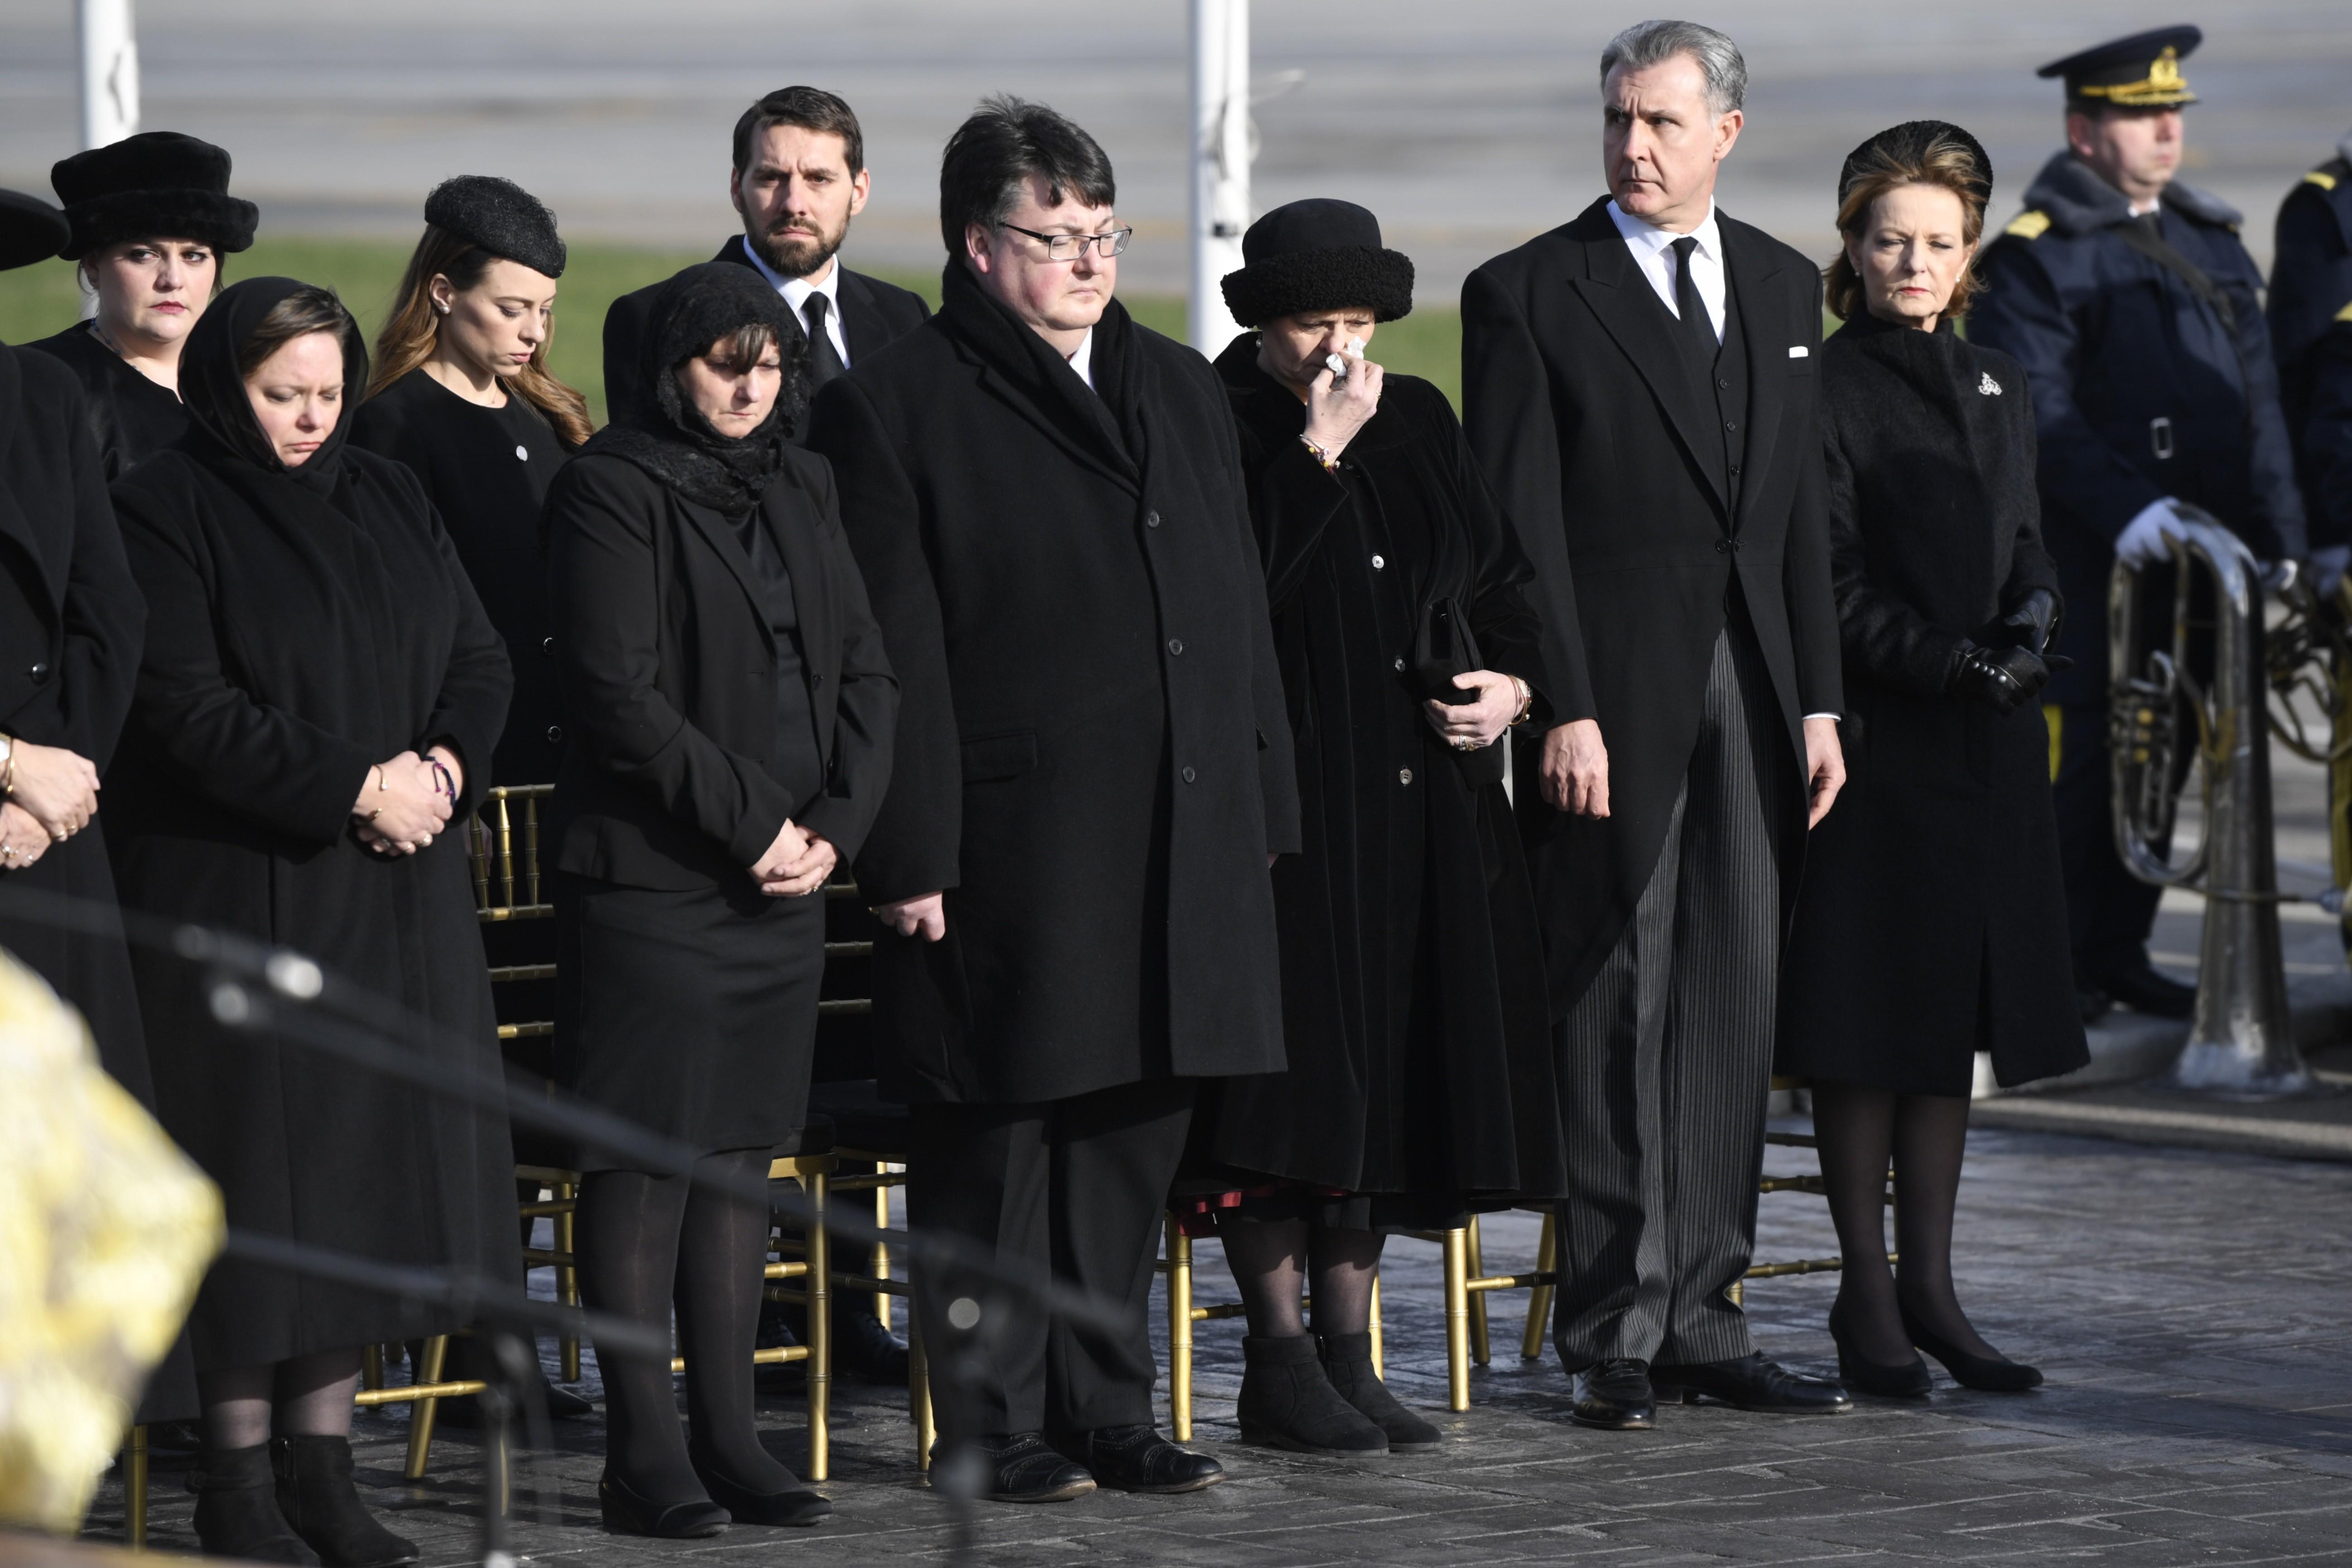 Ceremonia sosirii Regelui Mihai în țară. Principesa Margareta a izbucnit de mai multe ori în lacrimi